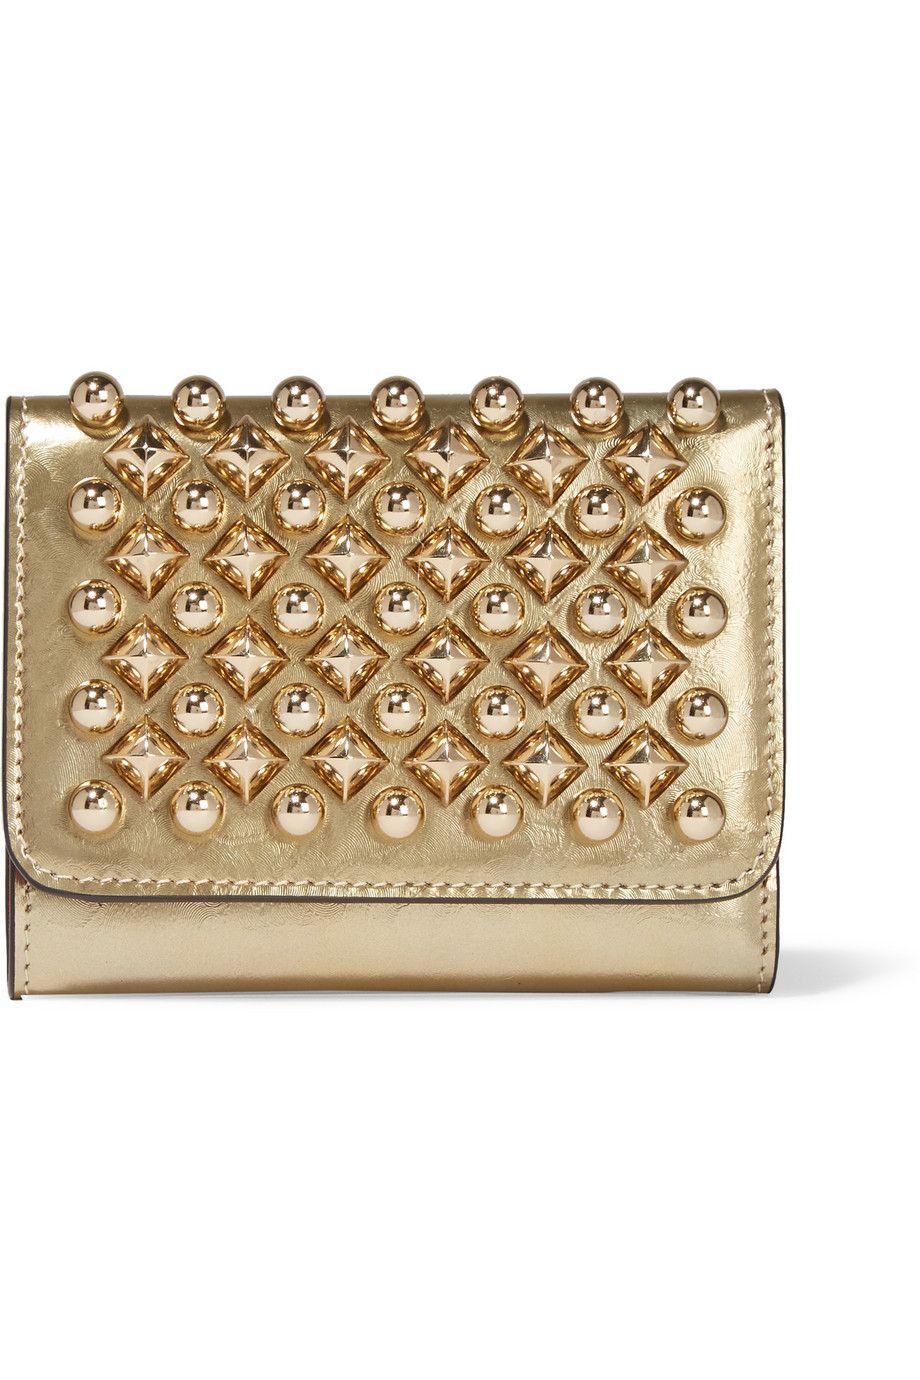 5feb34623e6 Christian Louboutin | Macaron mini metallic studded leather wallet ...